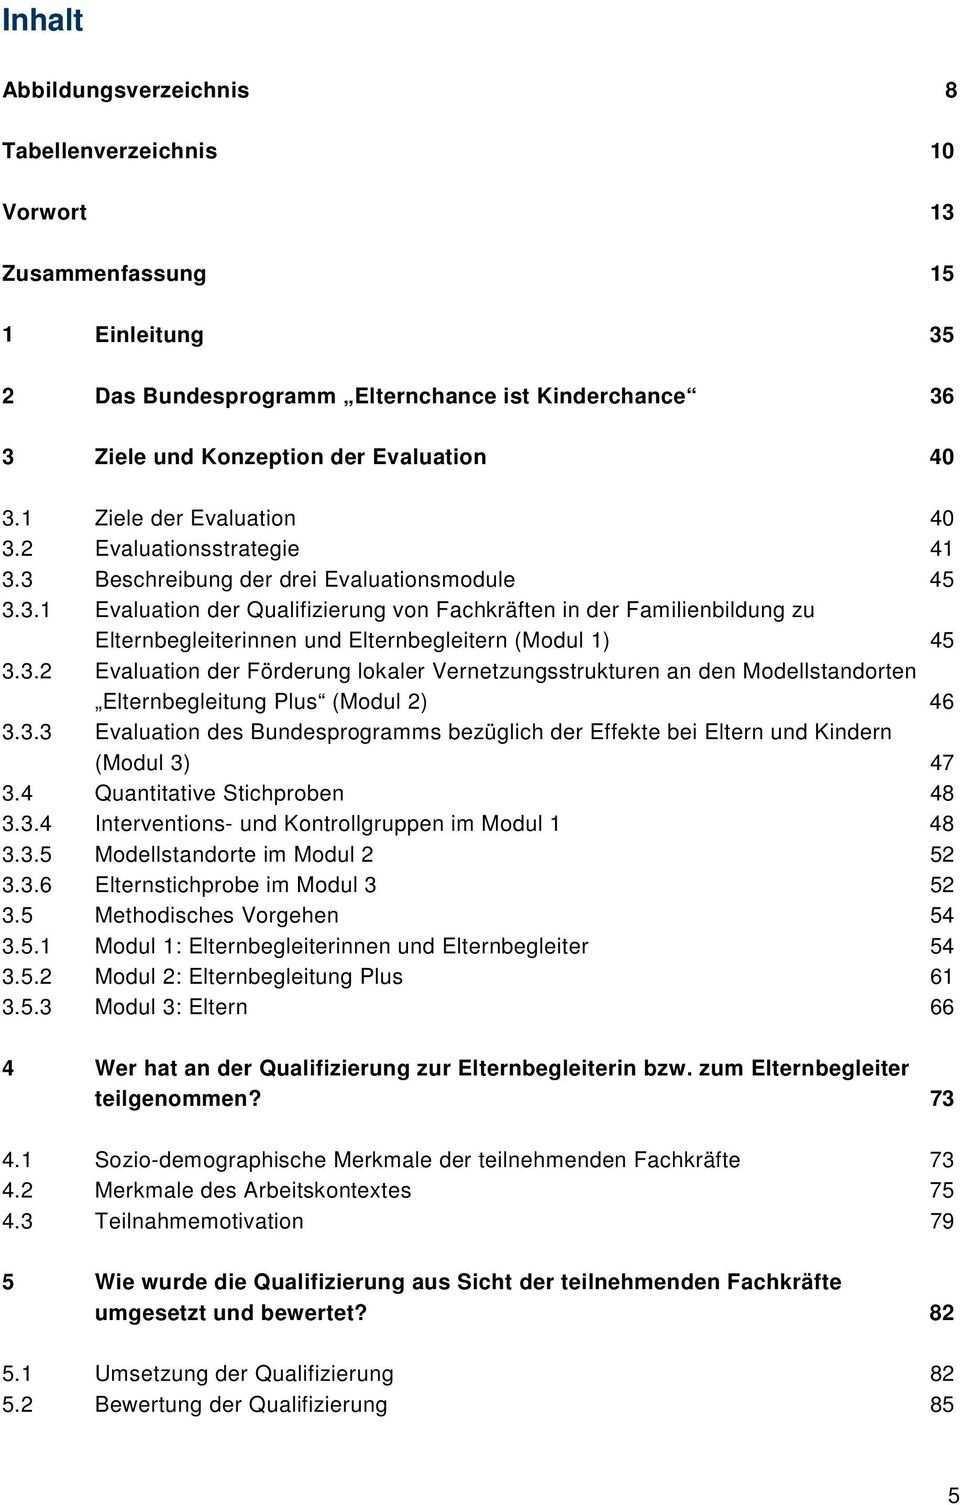 Evaluation Des Bundesprogramms Elternchance Ist Kinderchance Elternbegleitung Der Bildungsverlaufe Pdf Kostenfreier Download